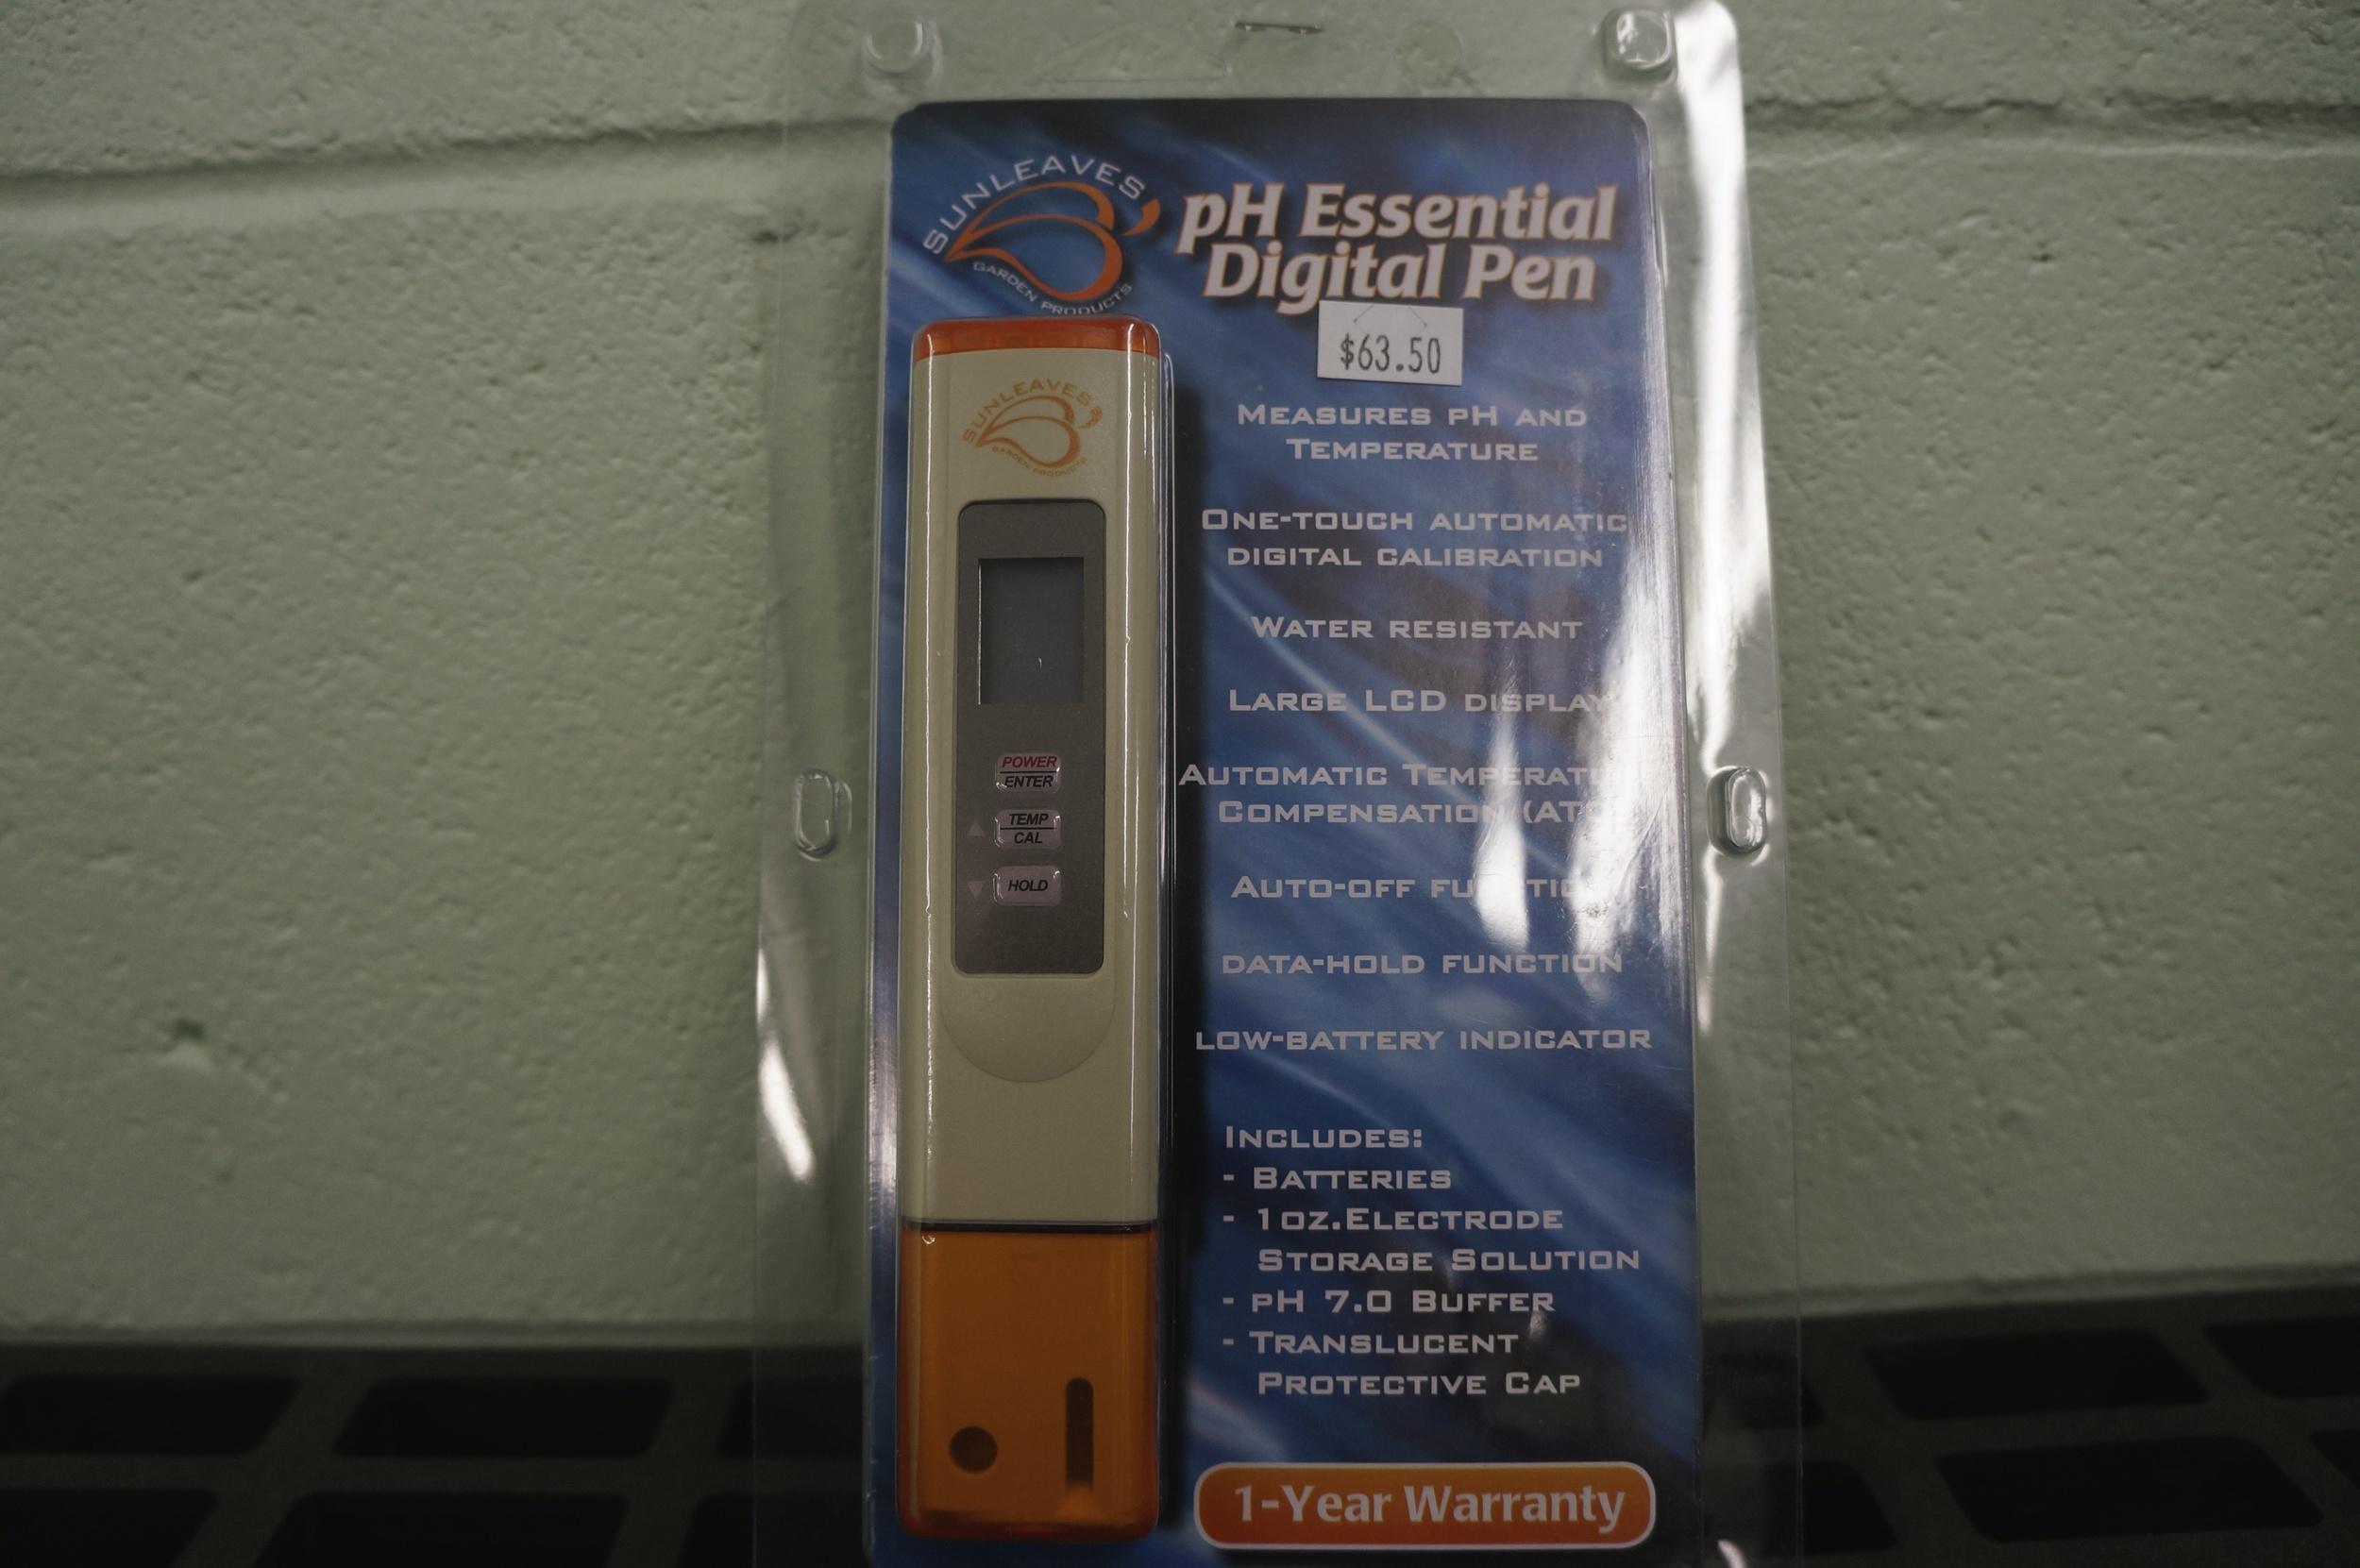 Digital pH Pen